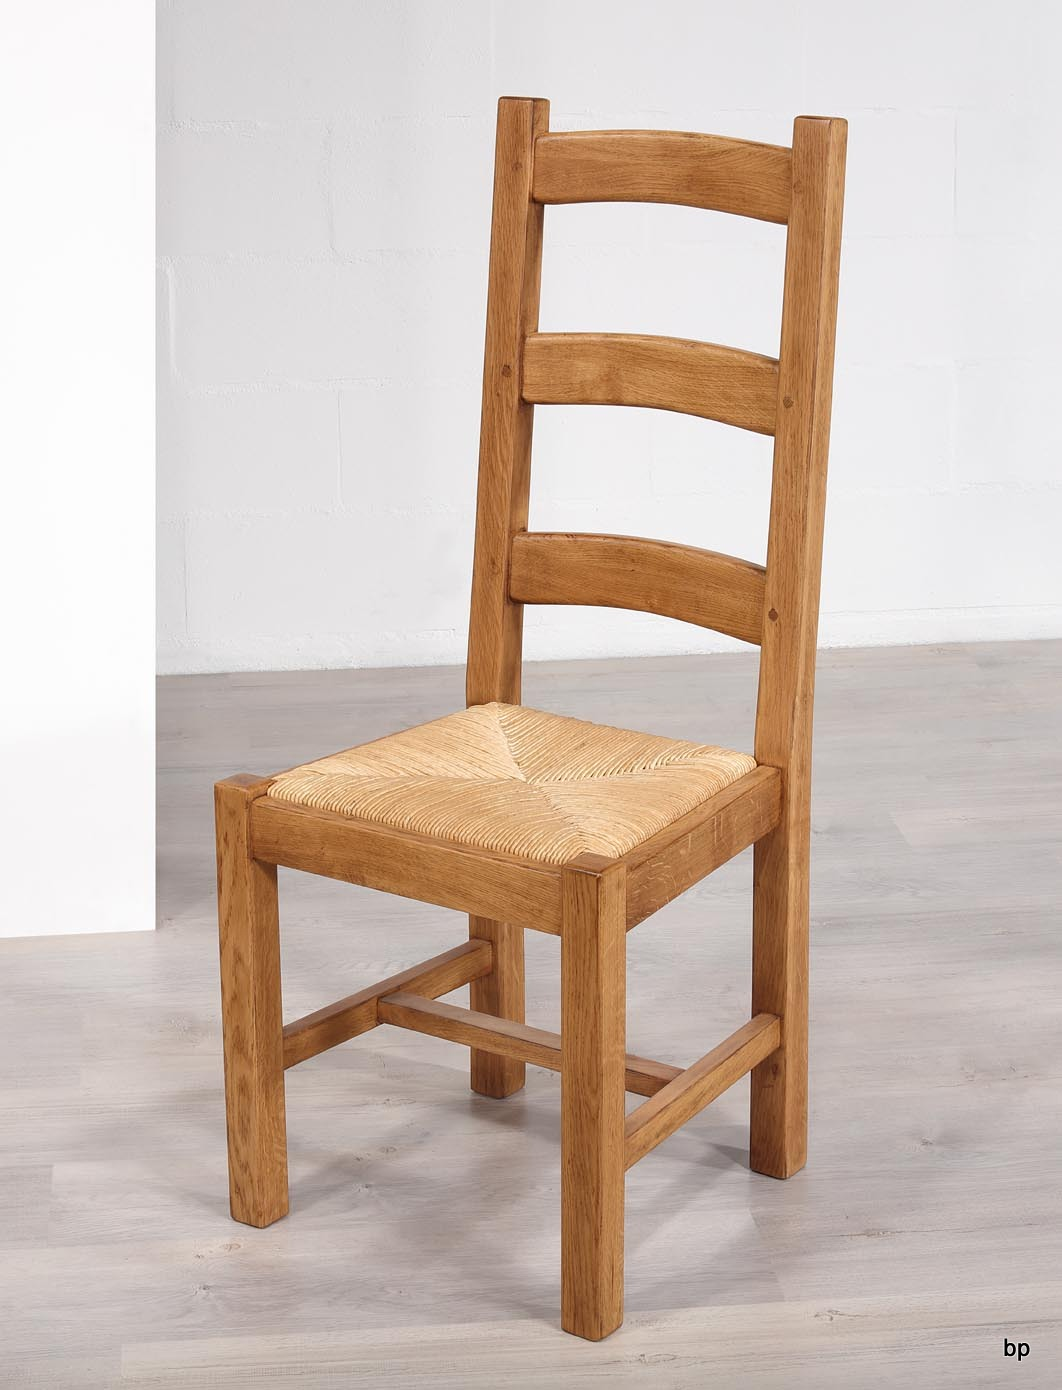 chaise en ch ne massif de style campagnard assise paille meuble en ch ne massif. Black Bedroom Furniture Sets. Home Design Ideas